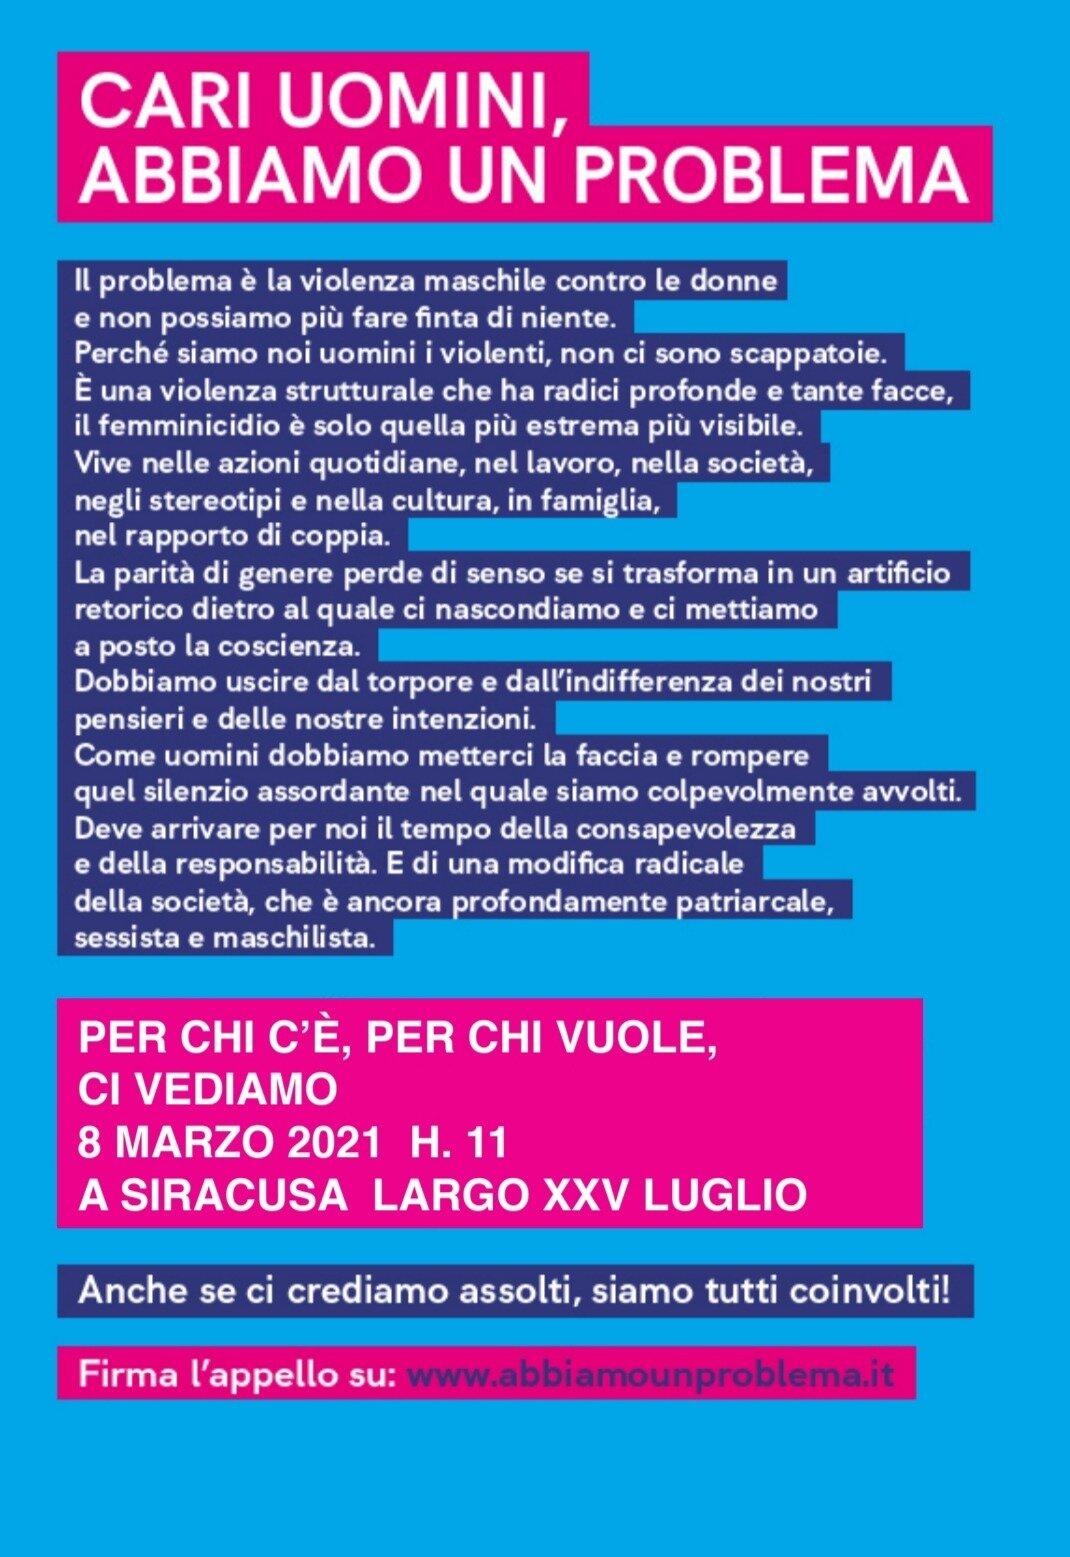 8 MARZO: anche in Sicilia il dono delle gerbere gialle alle anziane ospiti di 30 RSA di Catania, Siracusa, Messina e Agrigento